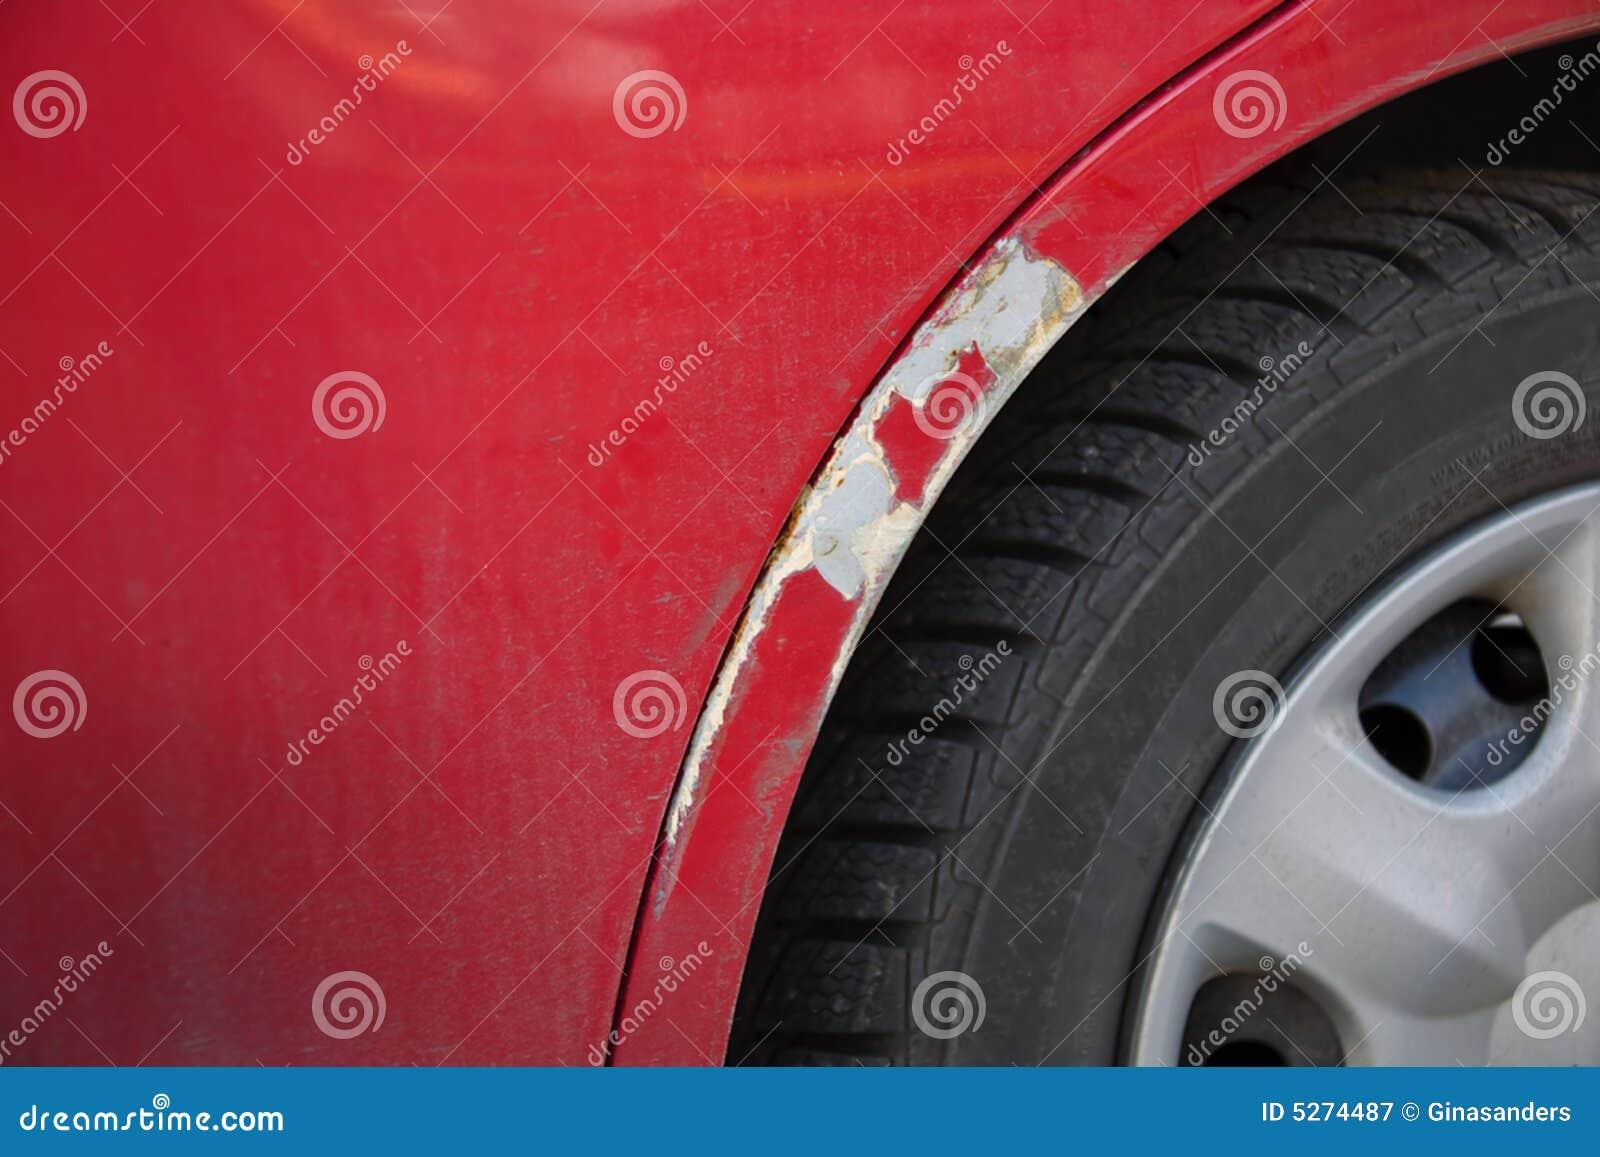 Почему вздулась краска на кузове Hyundai Accent